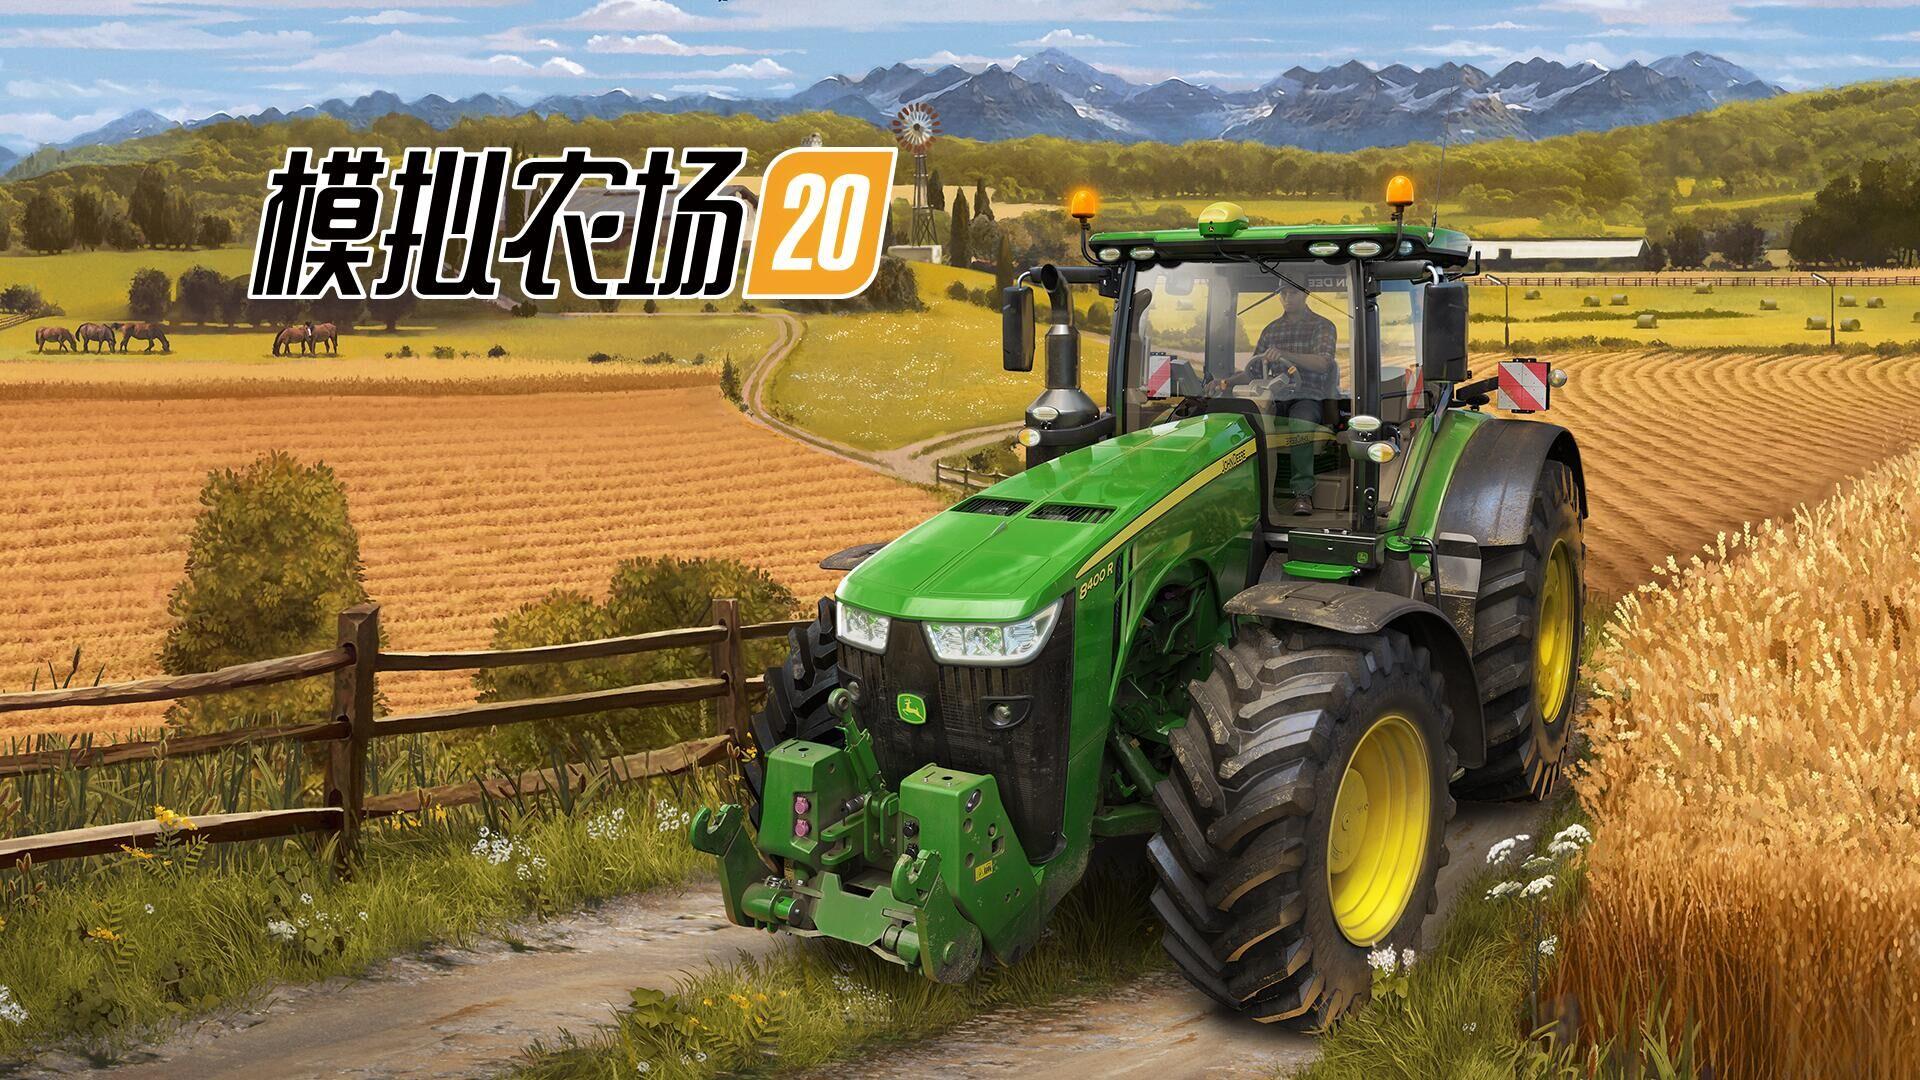 累了没事种个田《模拟农场20》正式开启